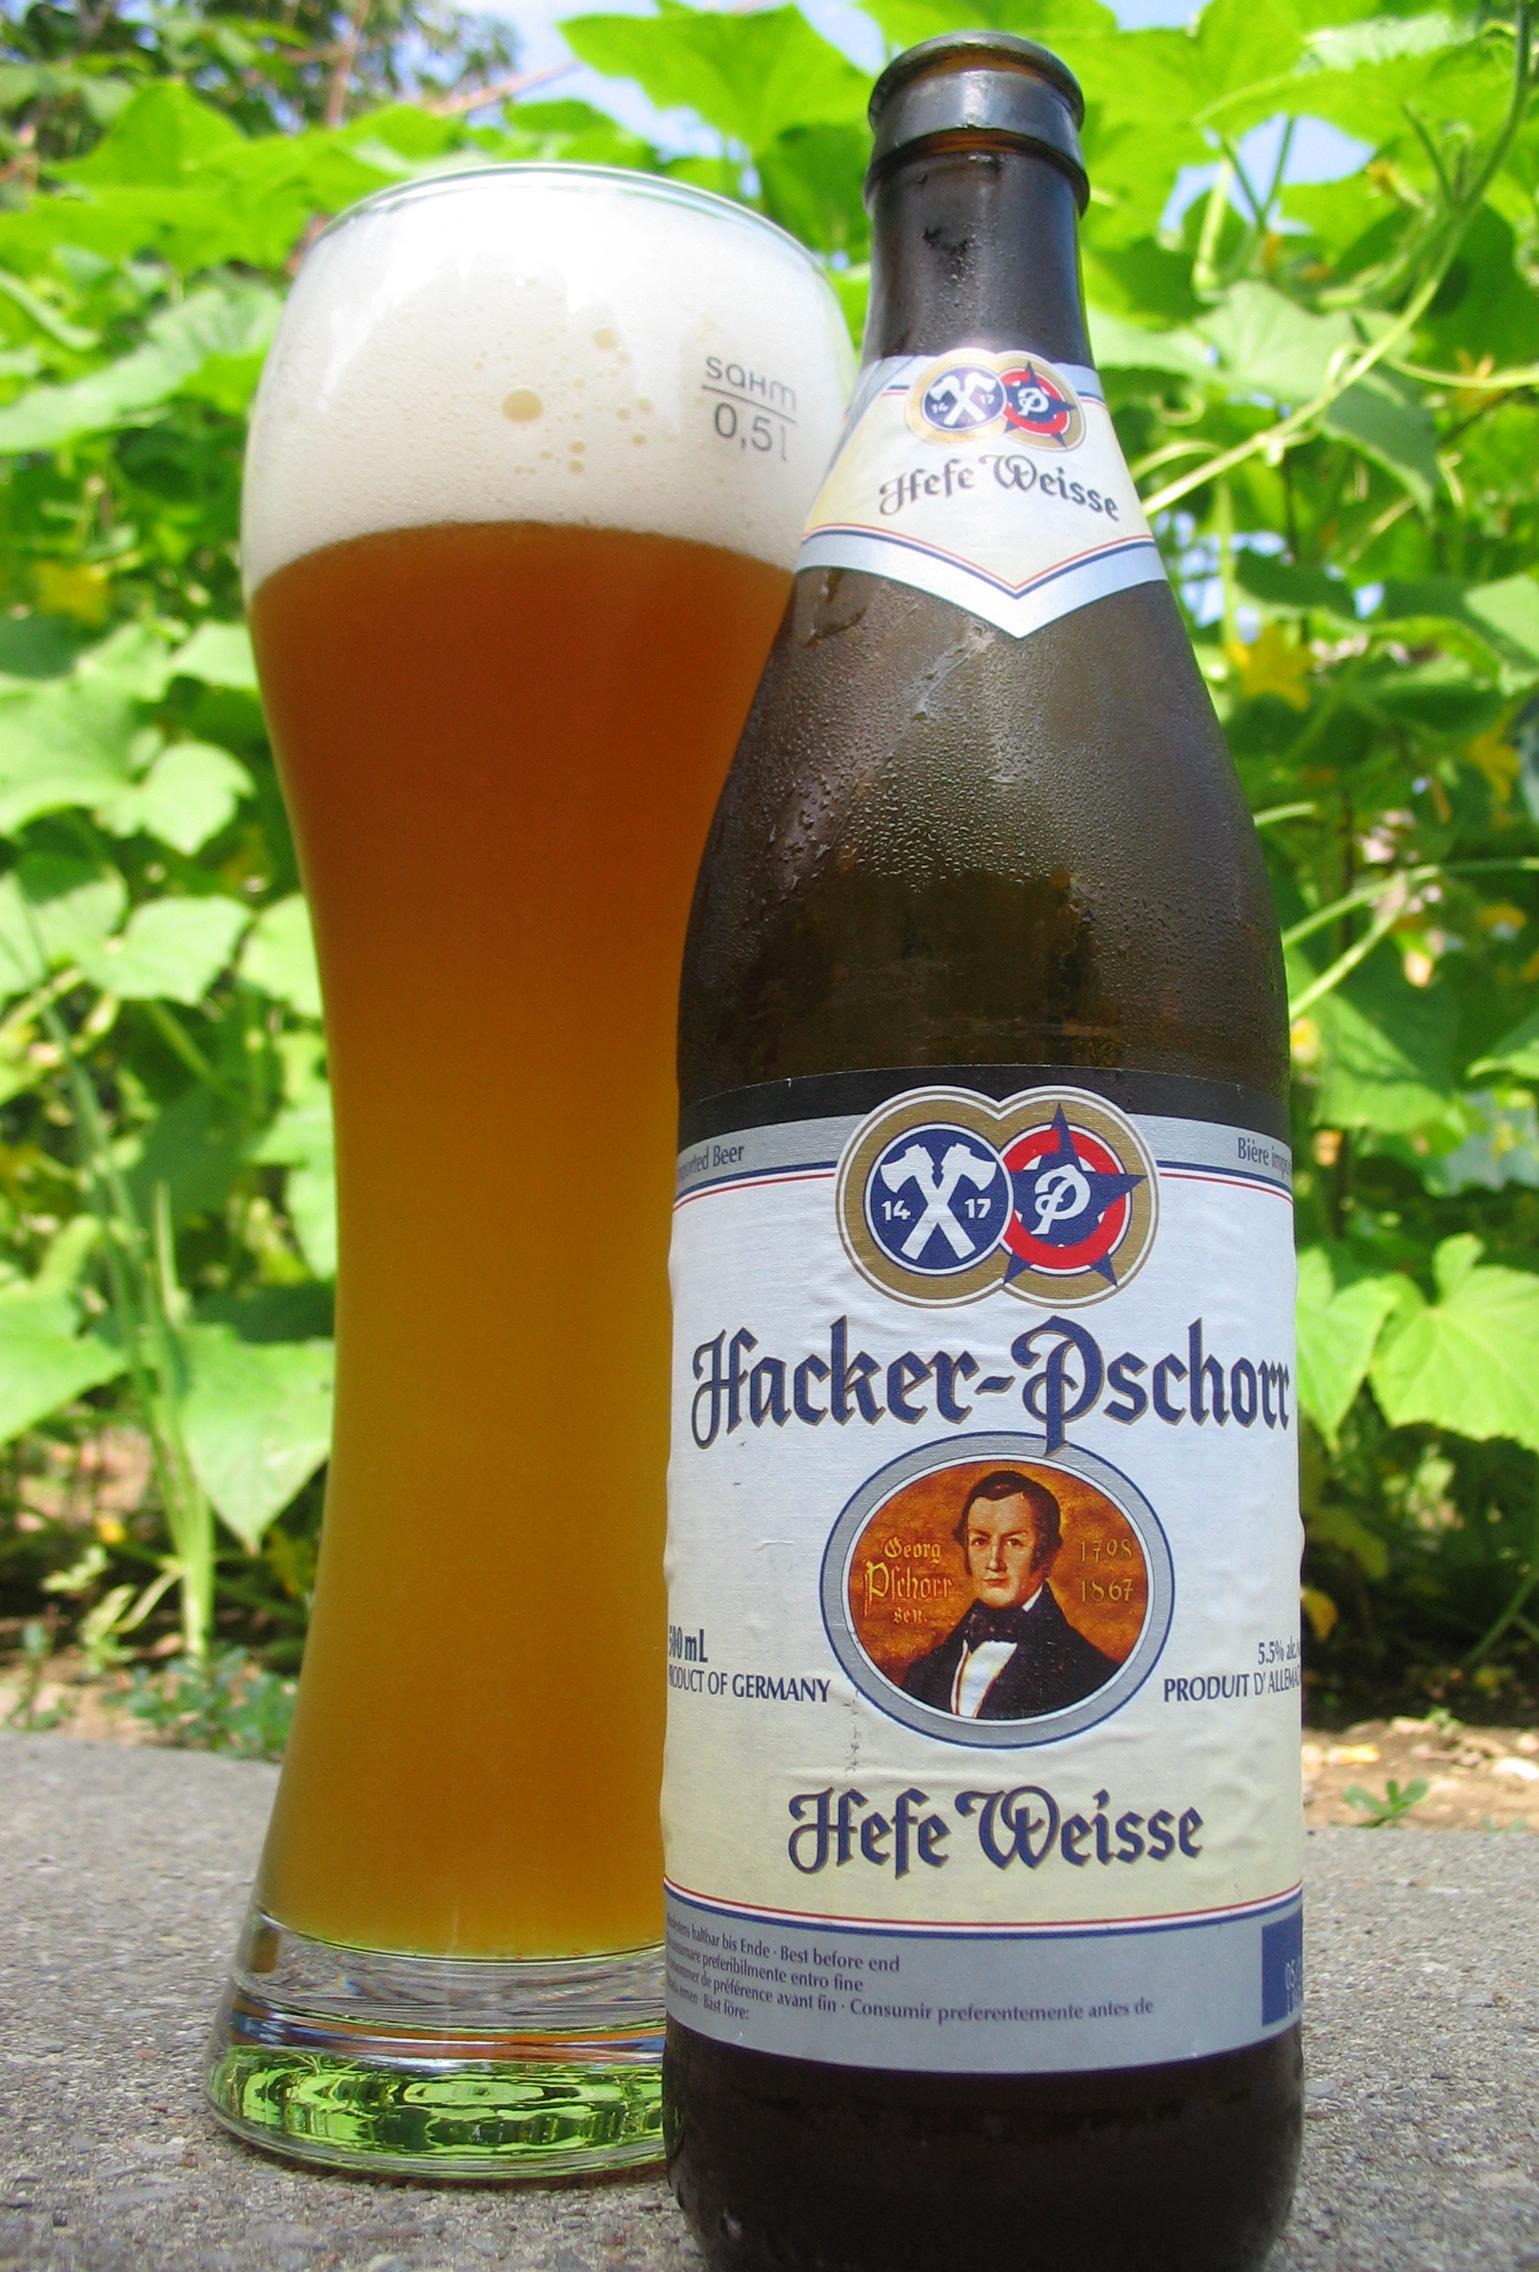 Cerveza Hacker-Pschorr Hefe Weisse